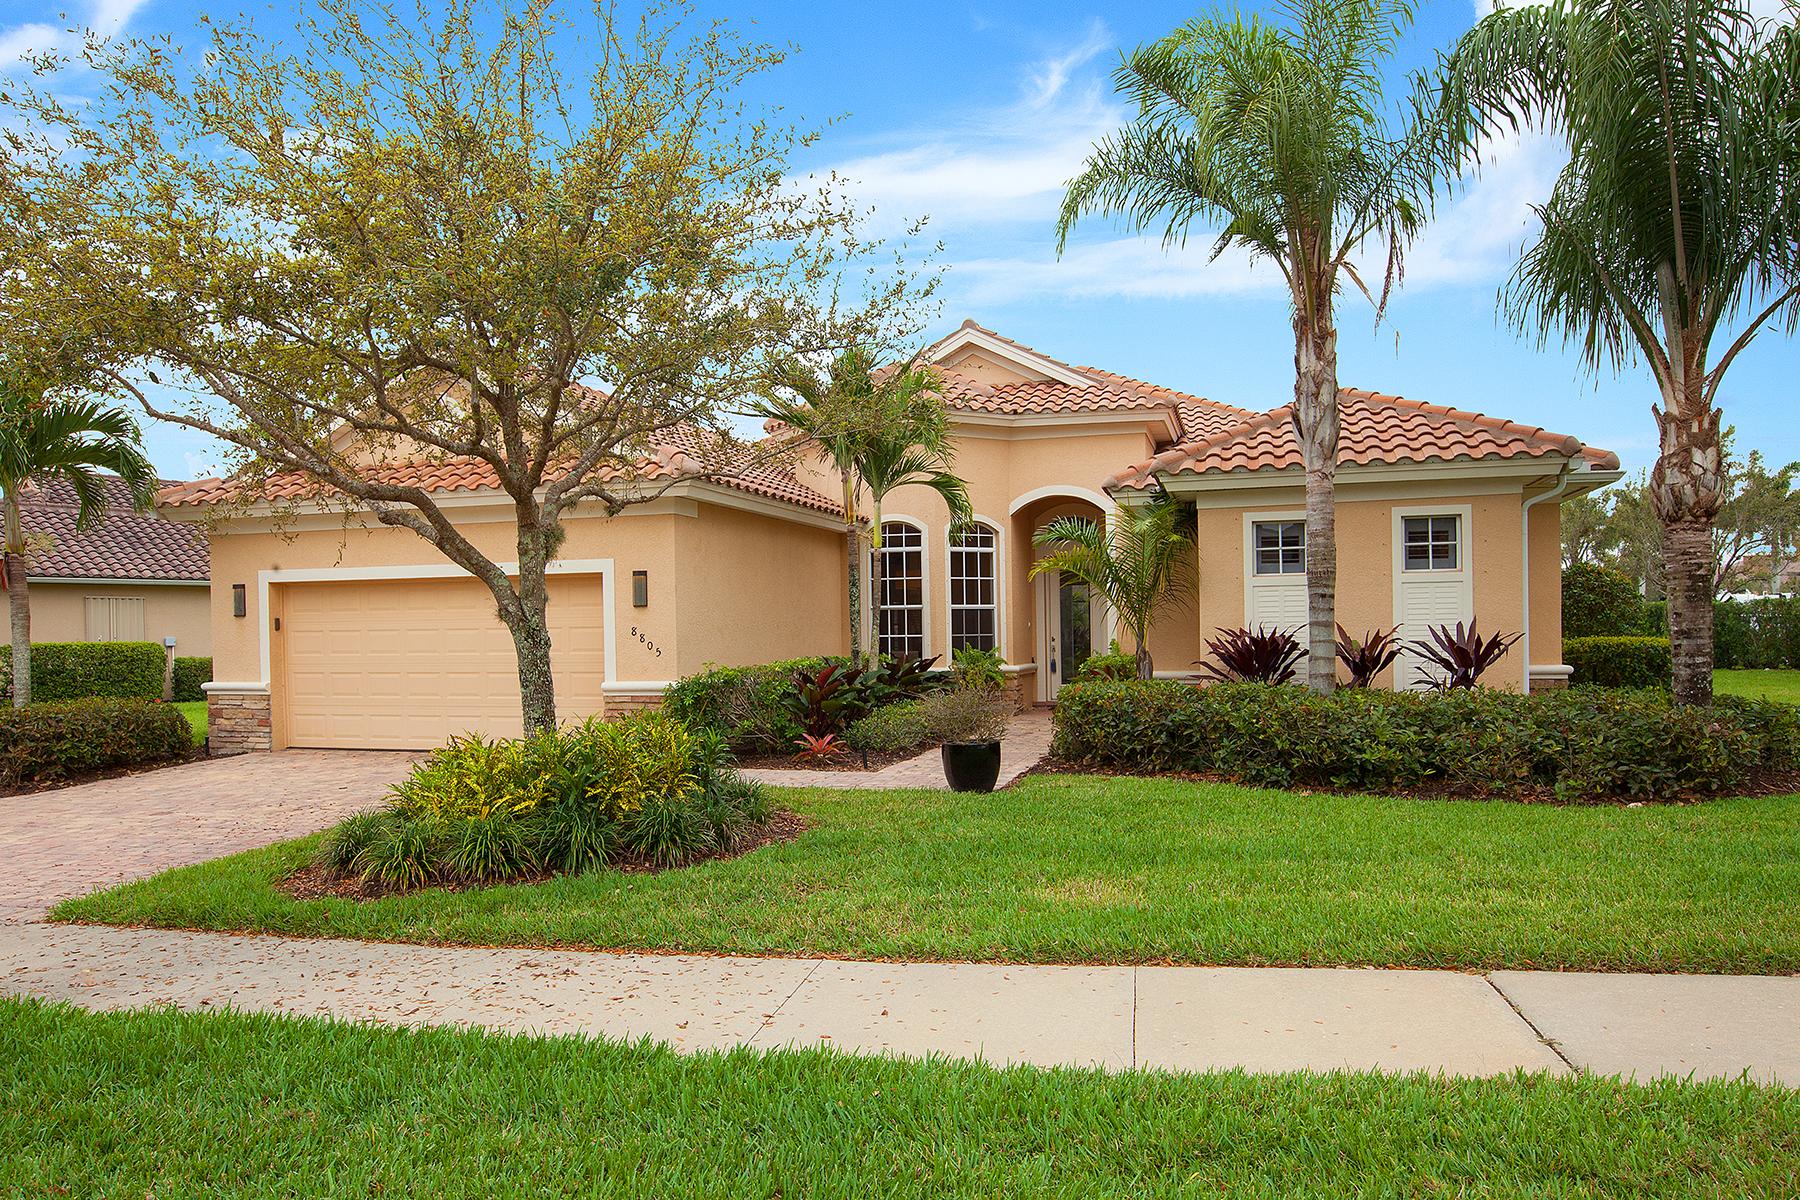 独户住宅 为 销售 在 QUARRY - SPINNER COVE LANE 8805 Spinner Cove Ln 那不勒斯, 佛罗里达州, 34120 美国